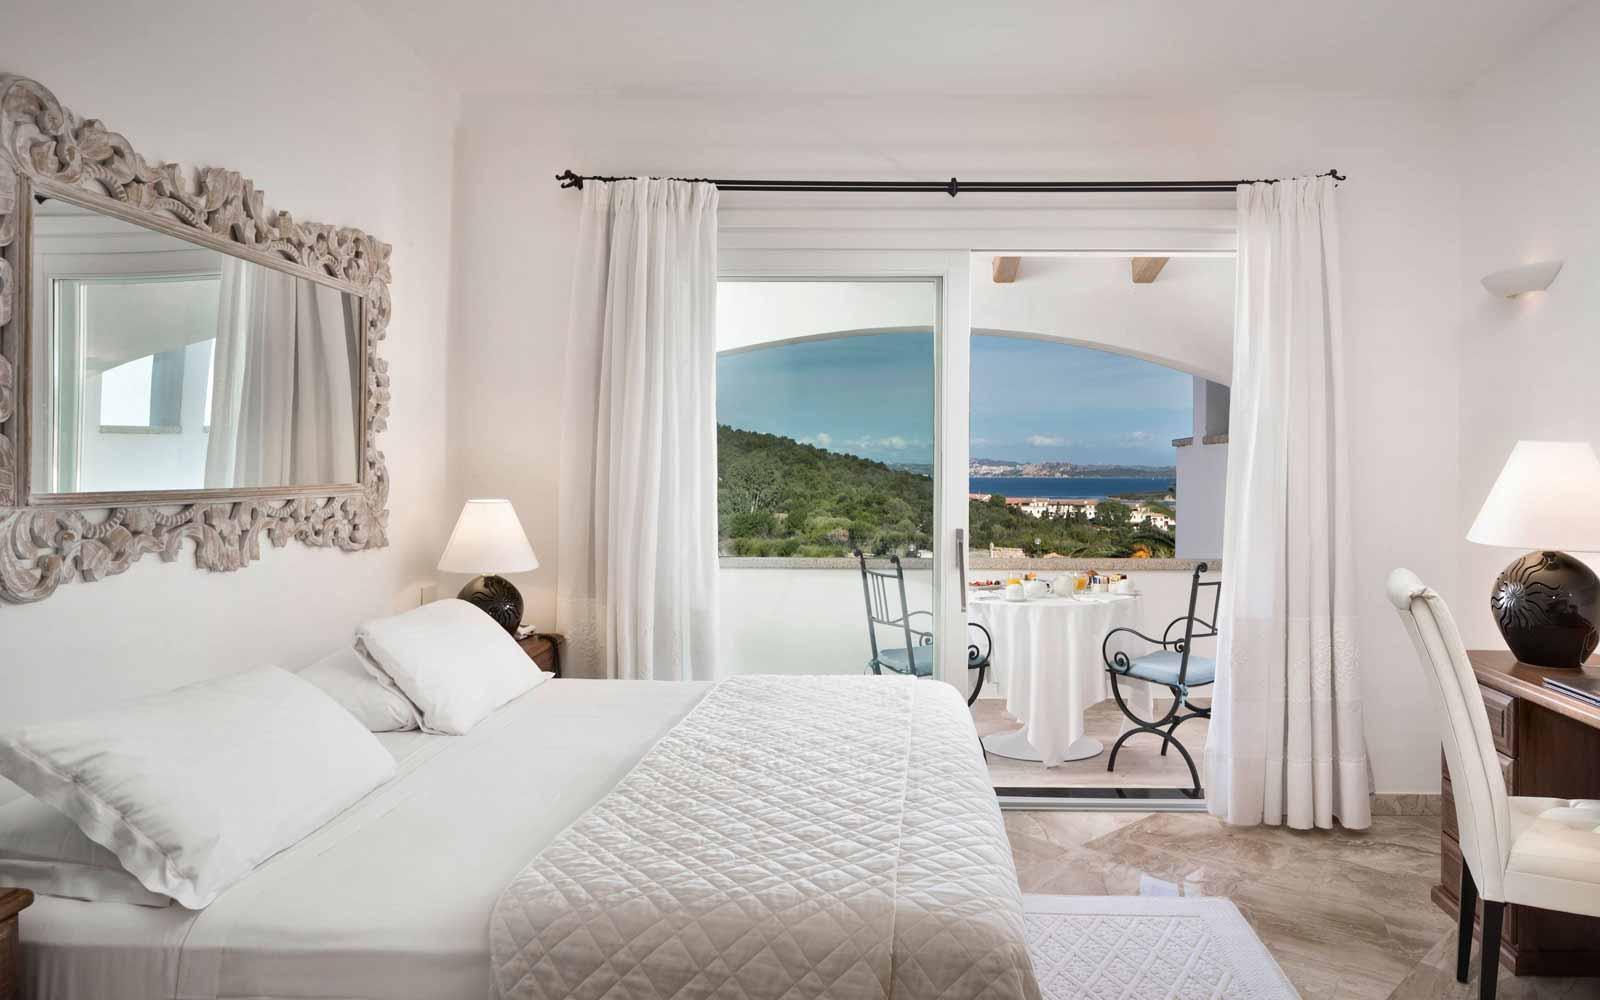 Premium Room with Sea View at Hotel La Rocca Resort & Spa